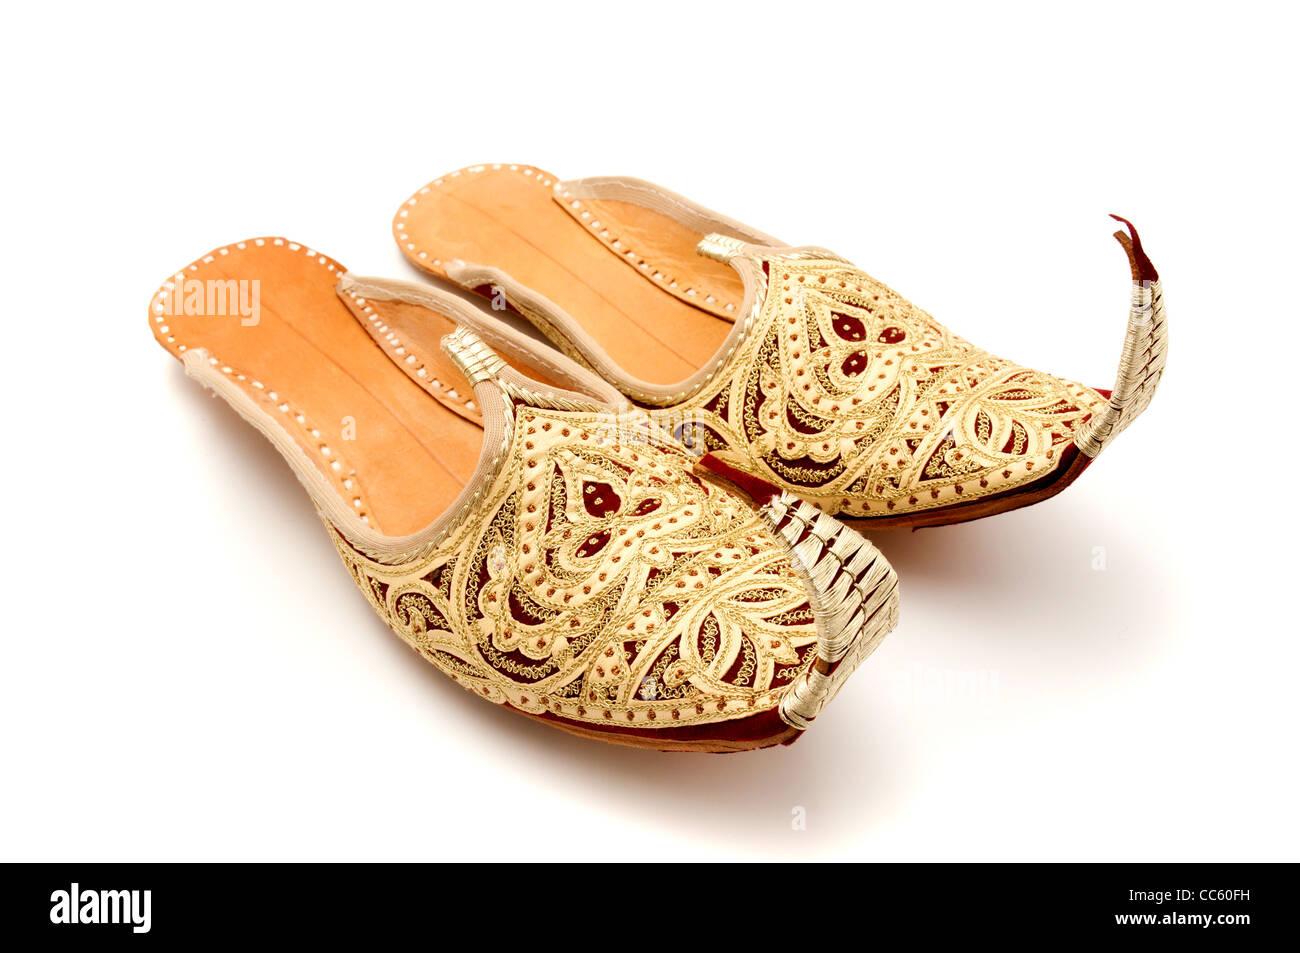 Rizado árabe tradicional vetado zapatillas Imagen De Stock